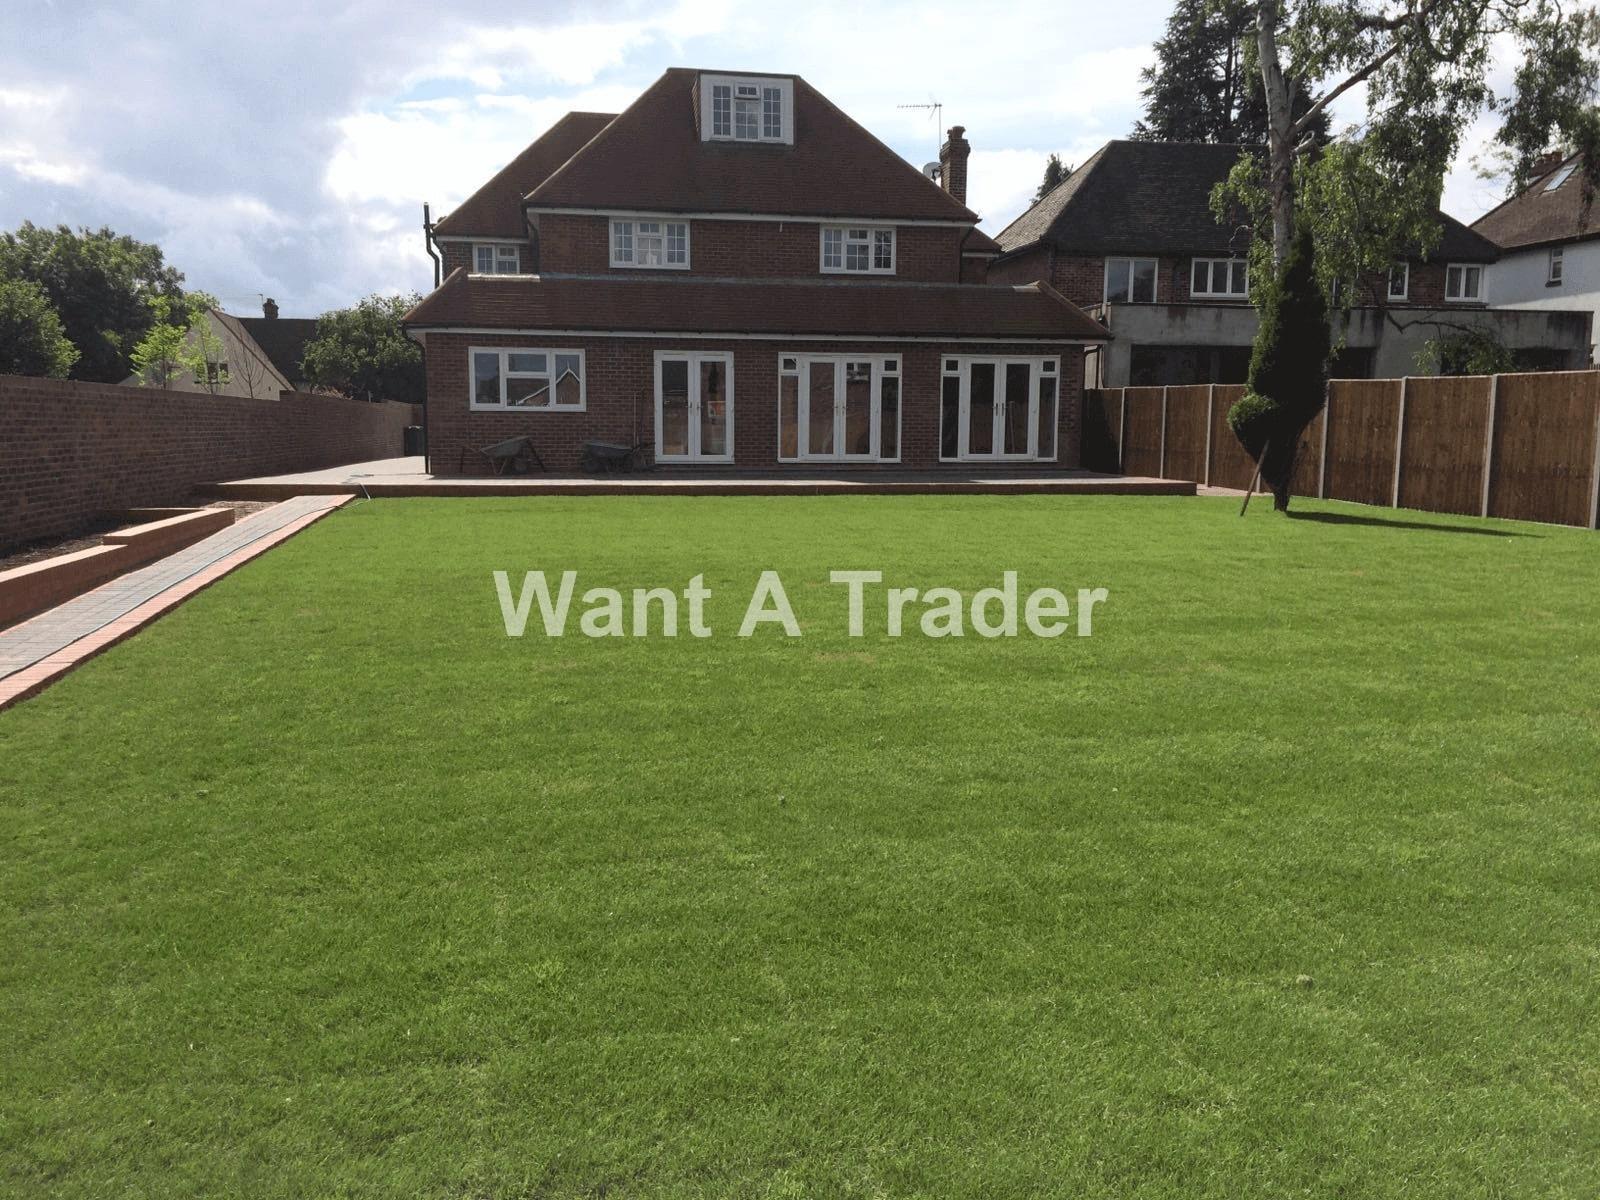 Garden Design and Installation Company Croydon CR0